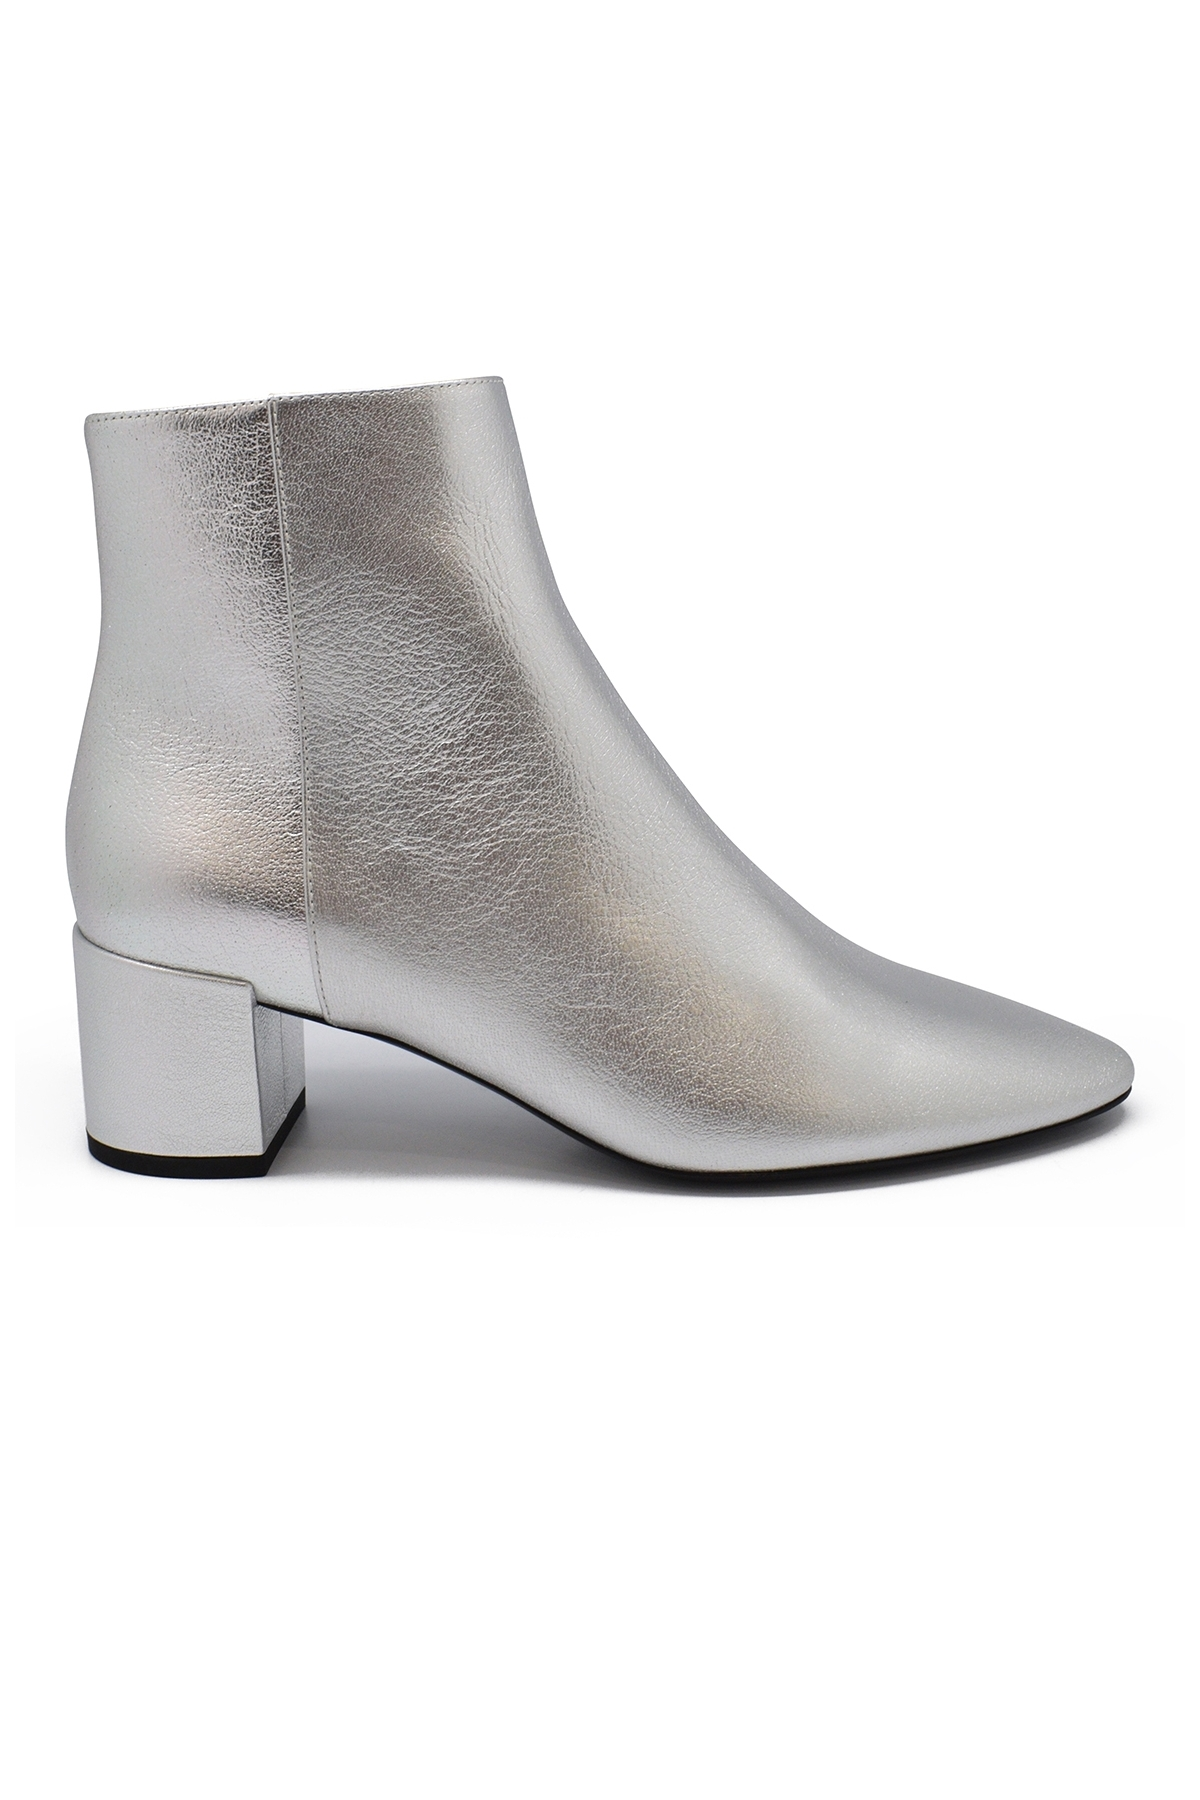 Saint Laurent Loulou 50 silver ankle boots